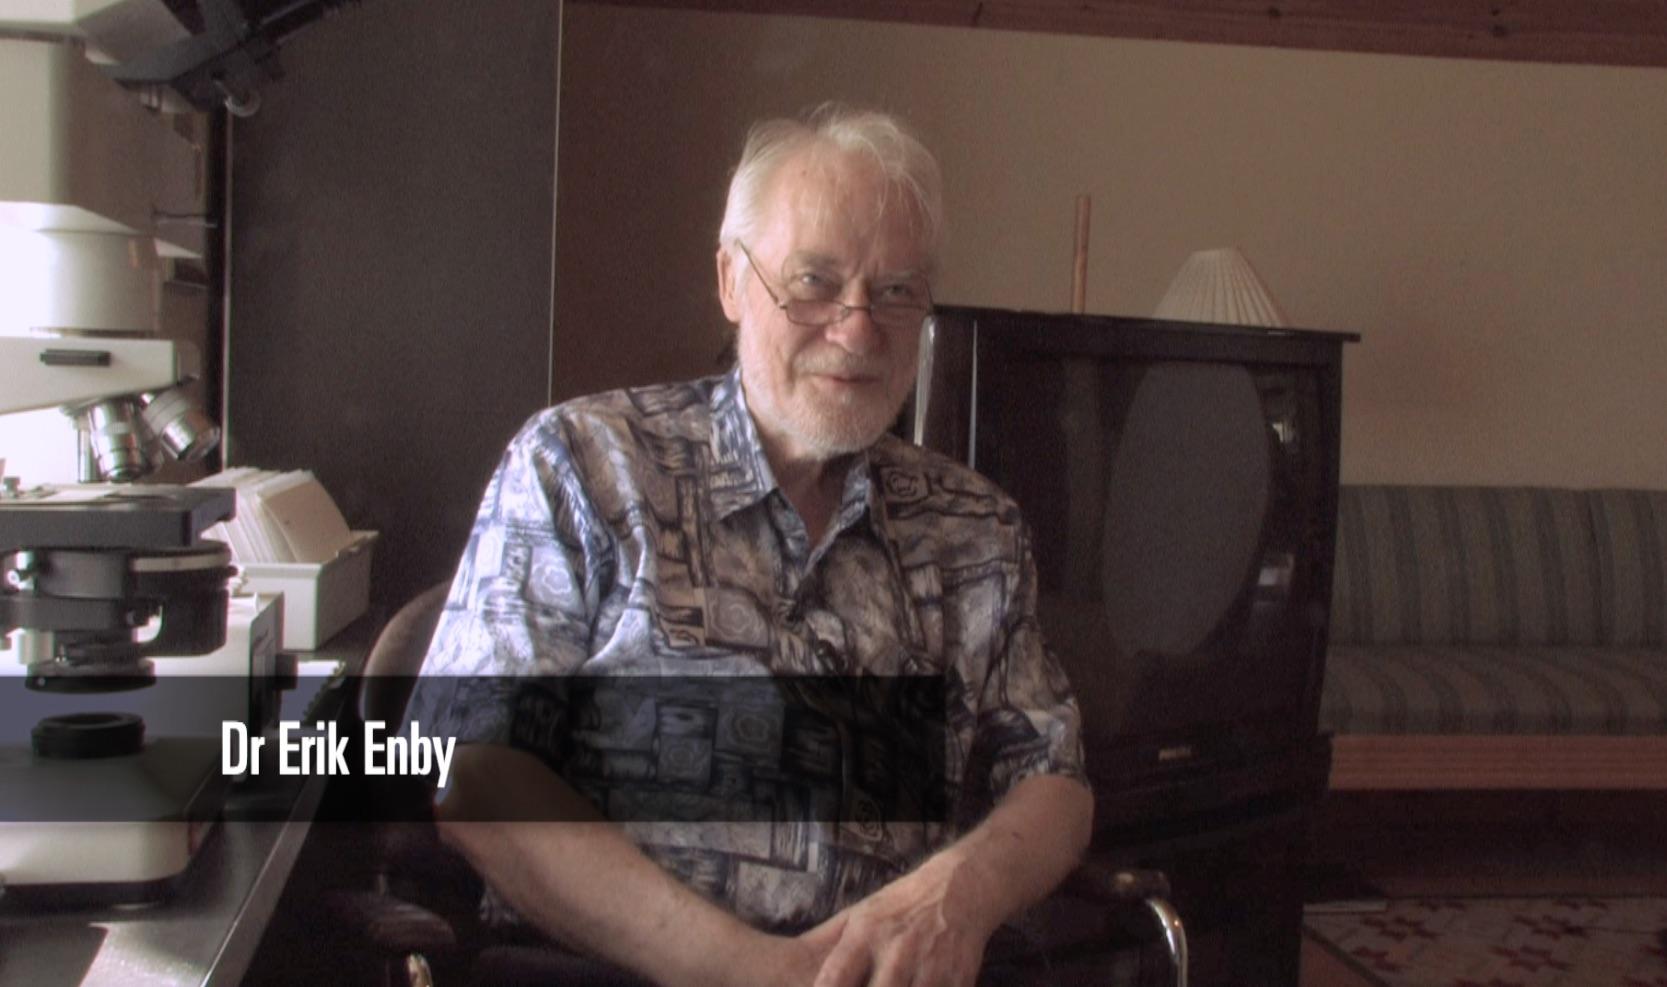 Dr Erik Enby inspelning för Läkaren som vägrade ge upp. Foto: Börje Peratt